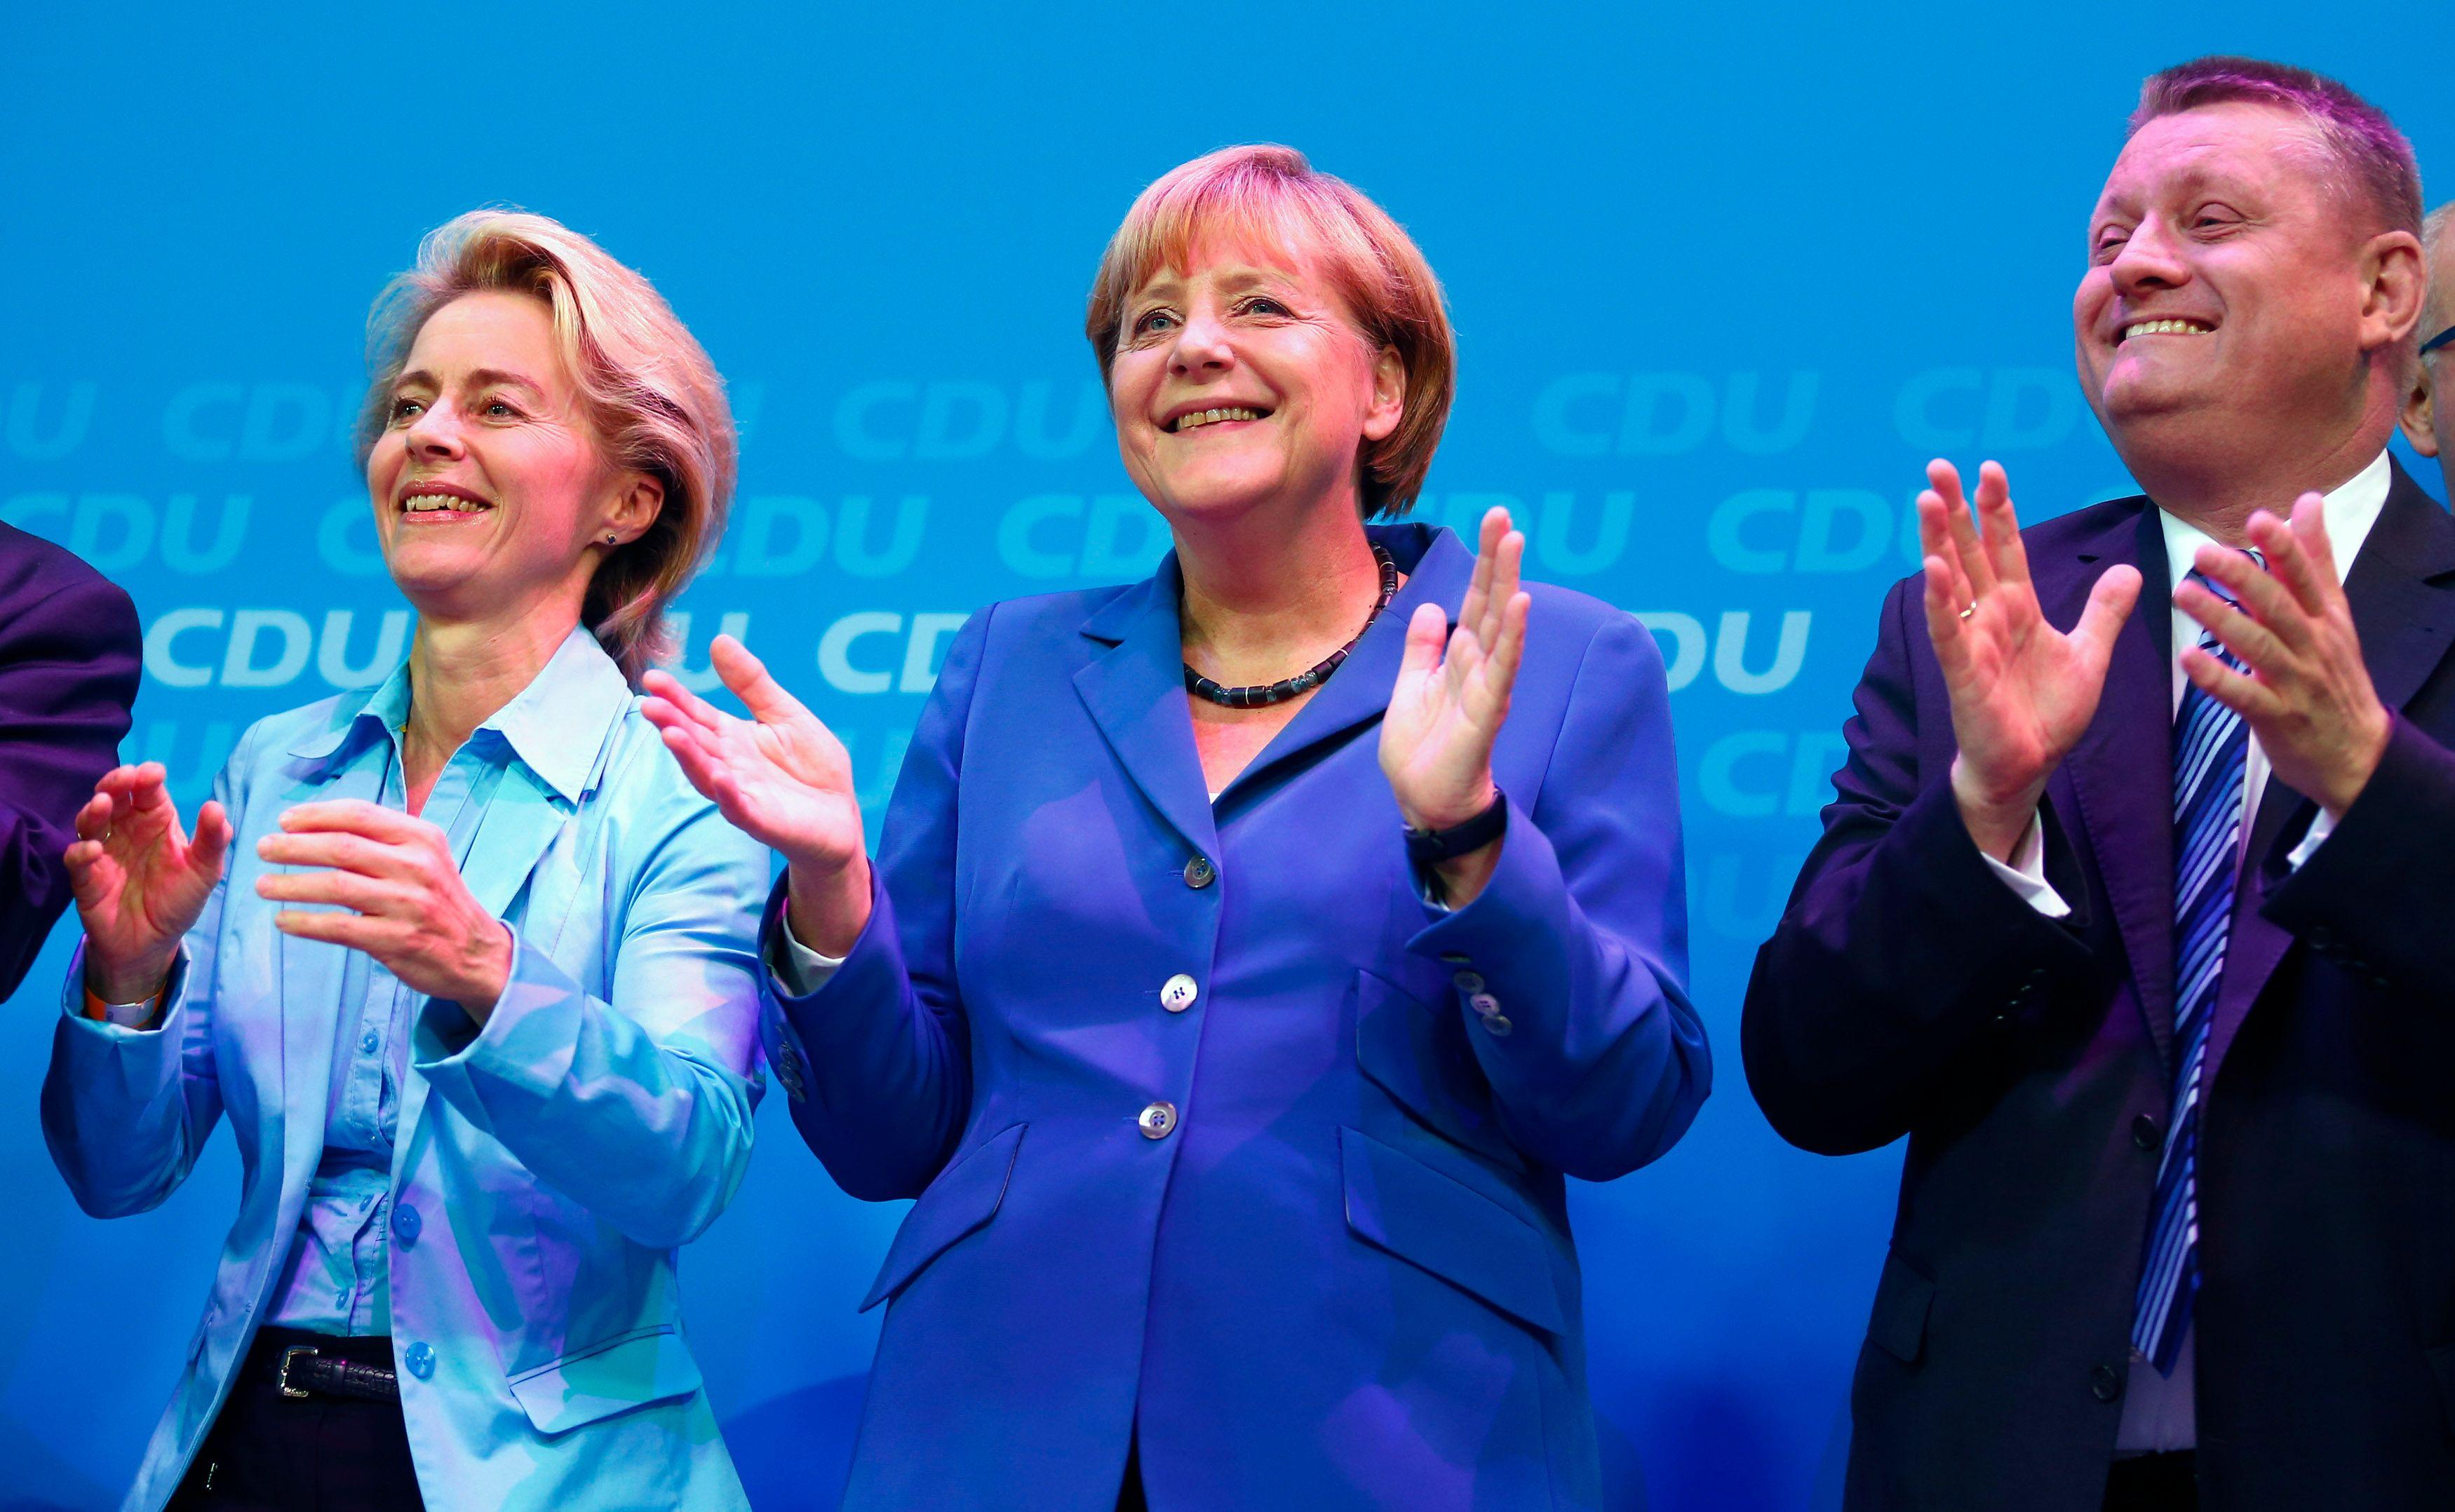 Le parti d'Angela Merkel devra probablement gouverner avec l'opposition sociale-démocrate.